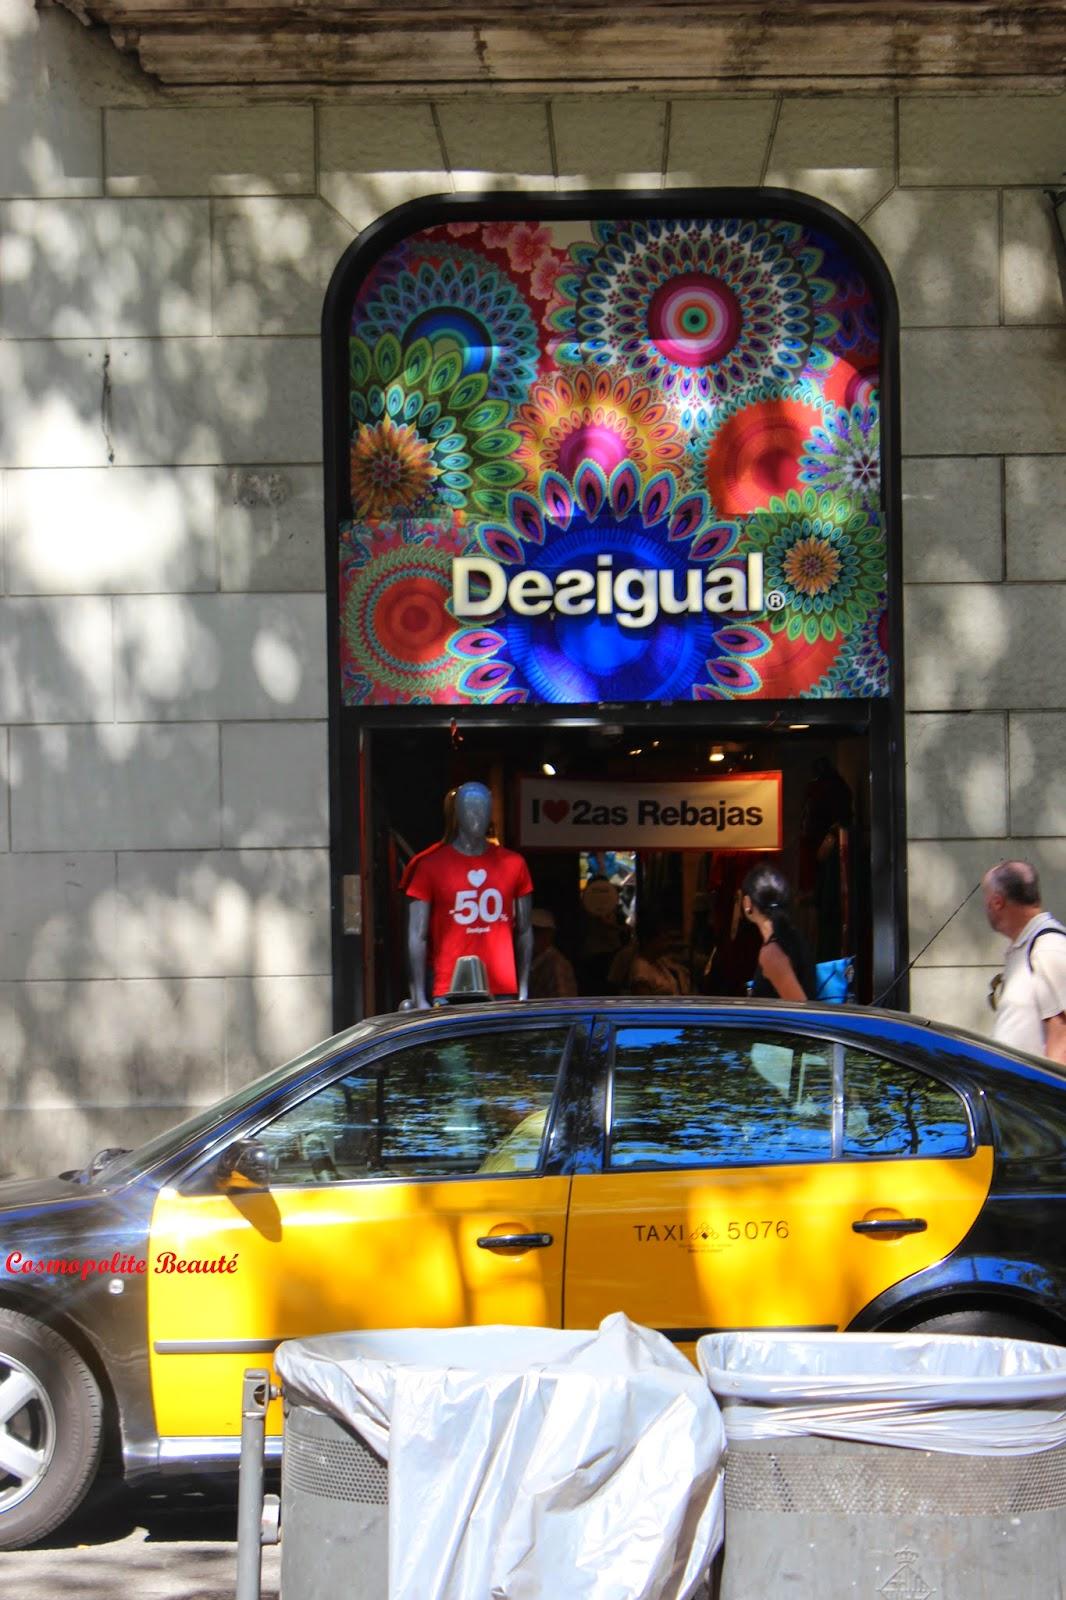 Desigual, Barcelone, Espagne, voyage, carnet de voyage, Barcelona, beauté, mode, boutiques